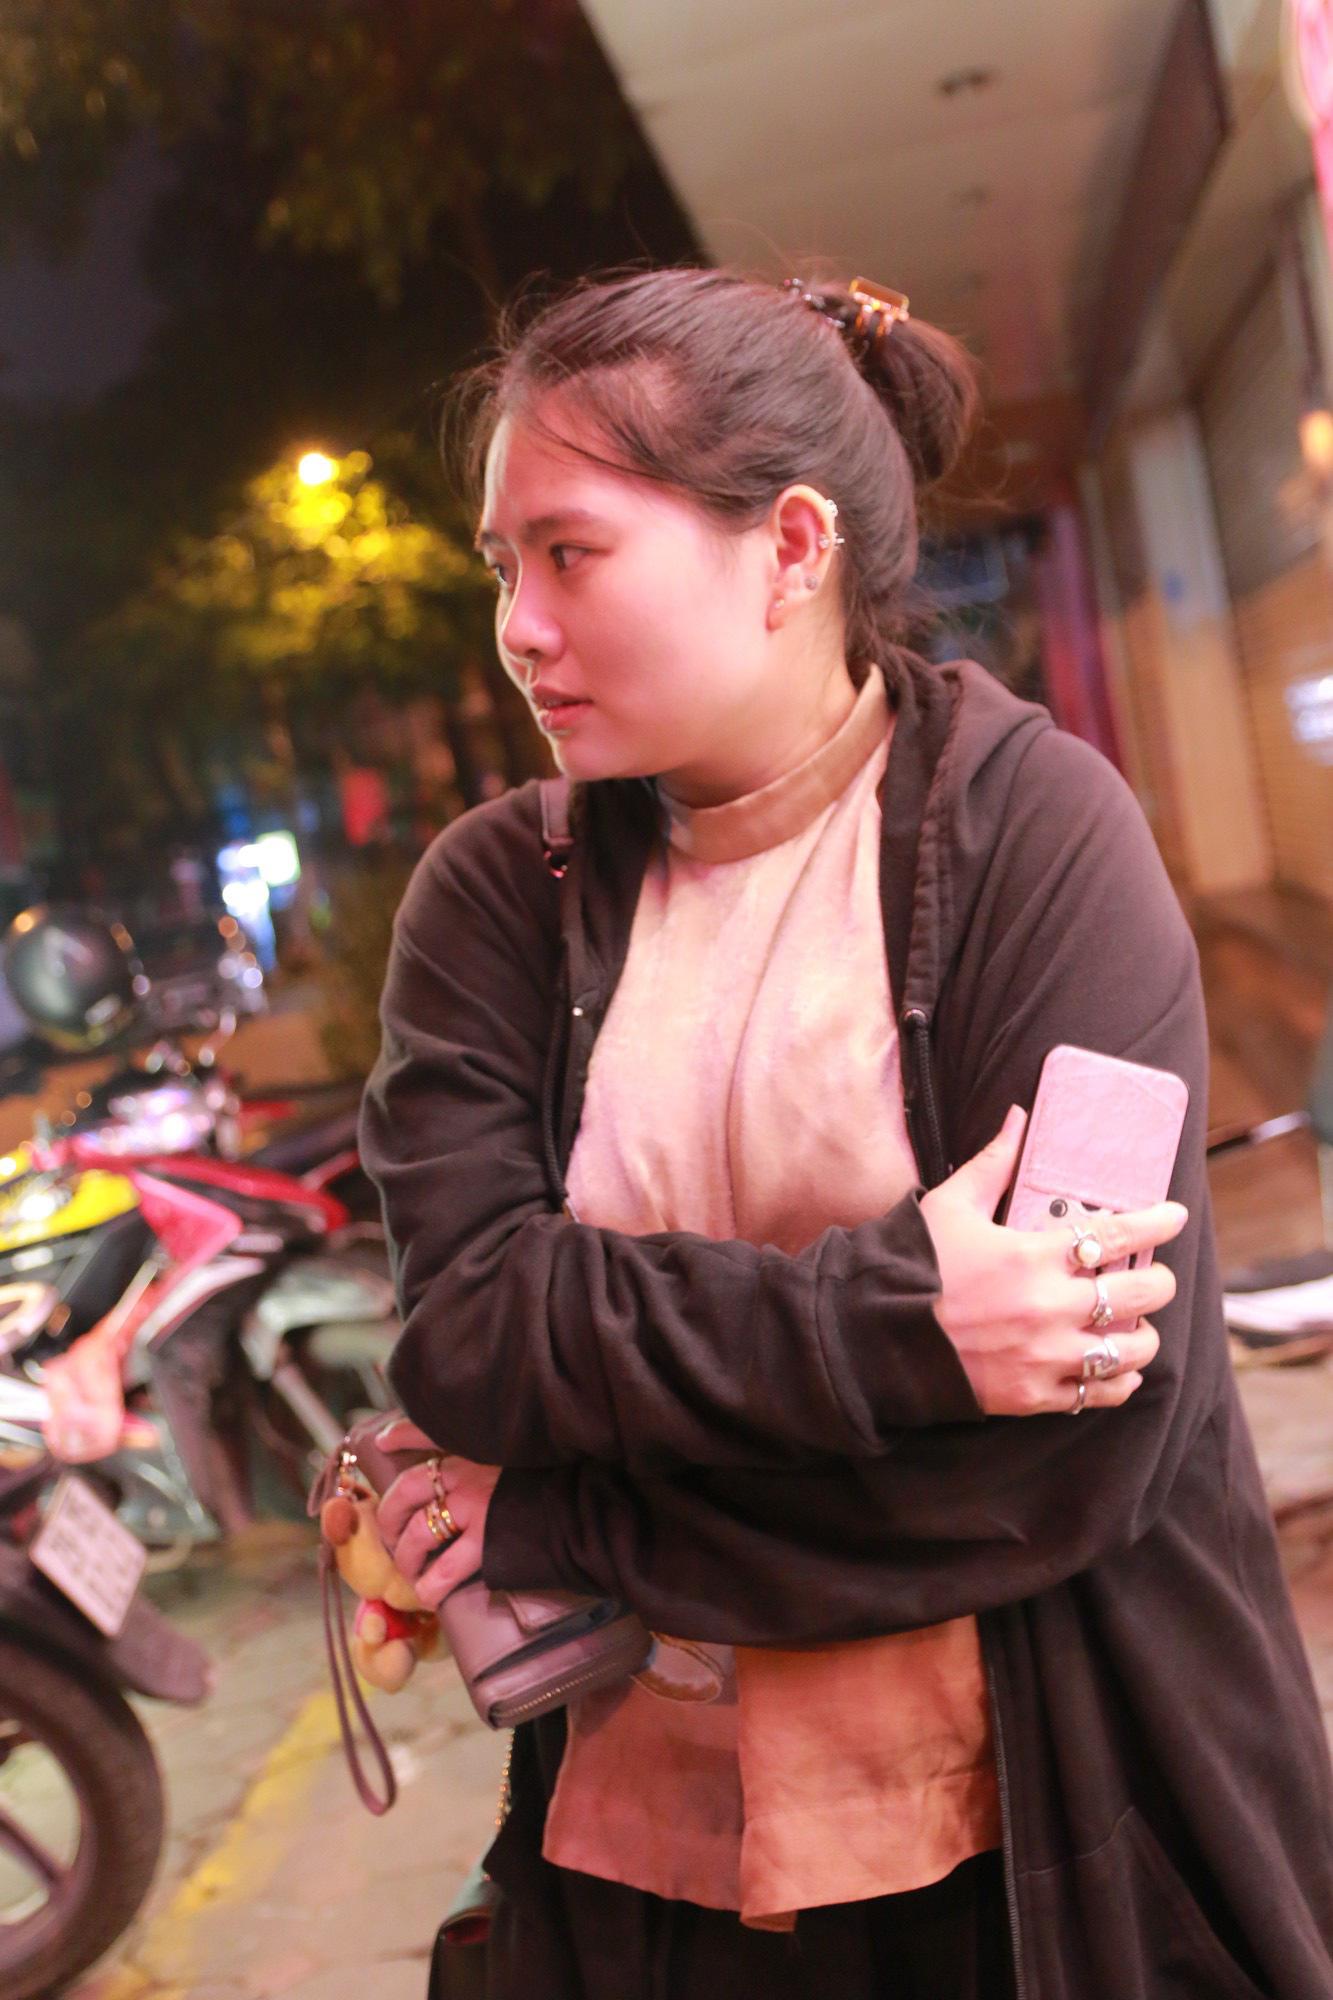 Nhiệt độ Hà Nội đột ngột giảm mạnh, người dân mặc áo ấm ra đường - Ảnh 2.